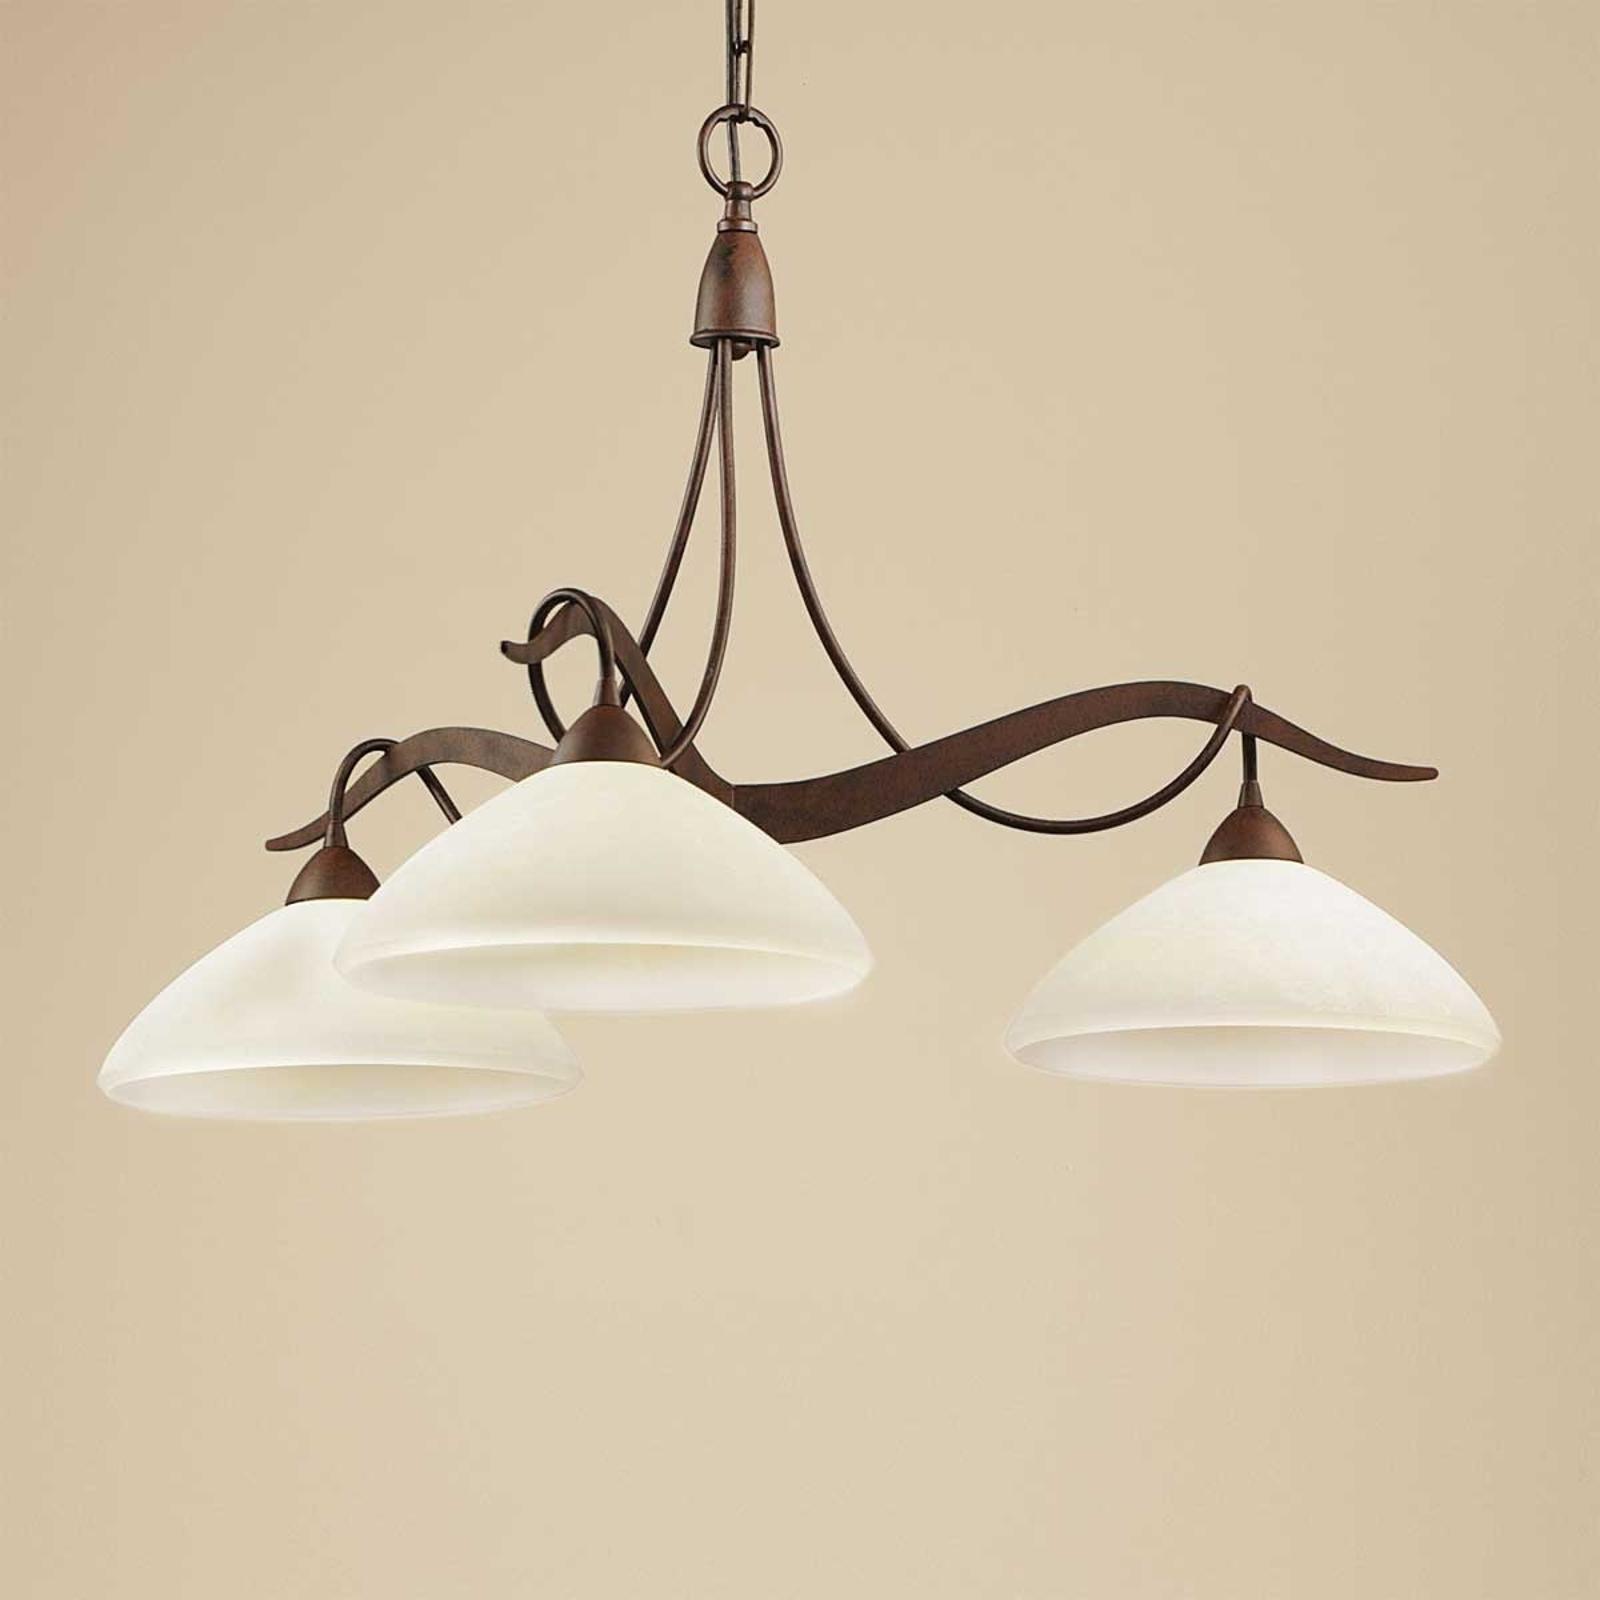 Riippuvalaisin Samuele 3-lampp., scavo